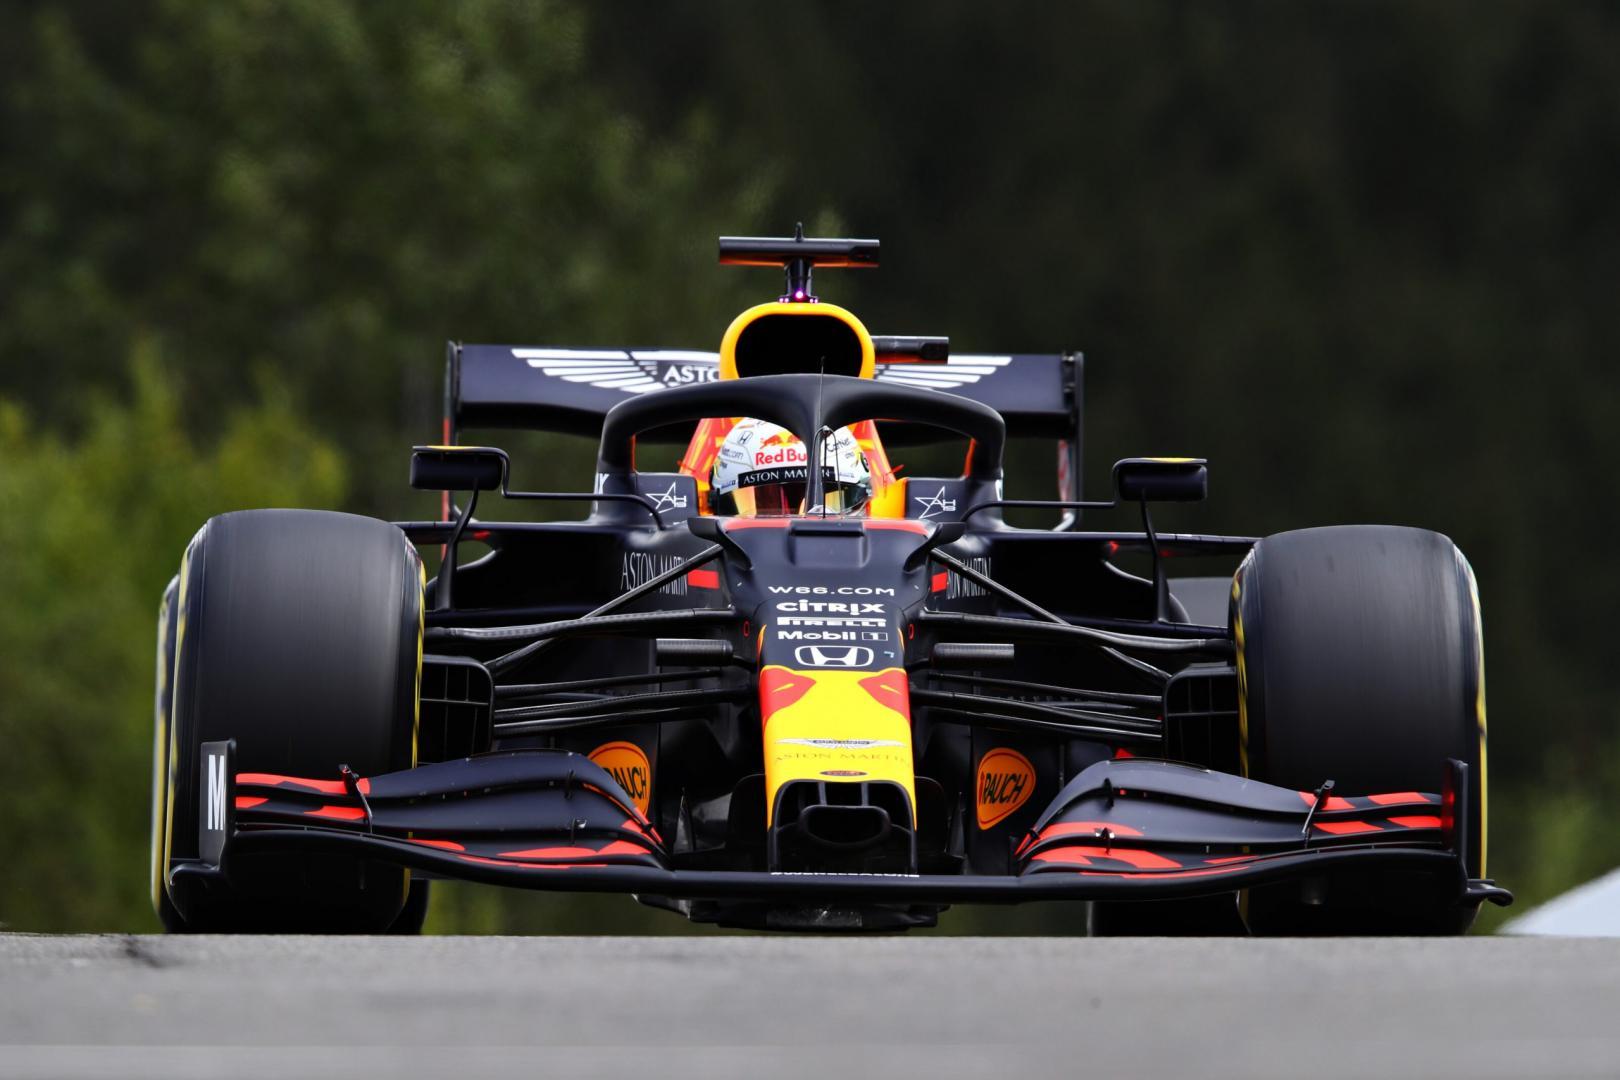 Uitslag van de GP van België 2020